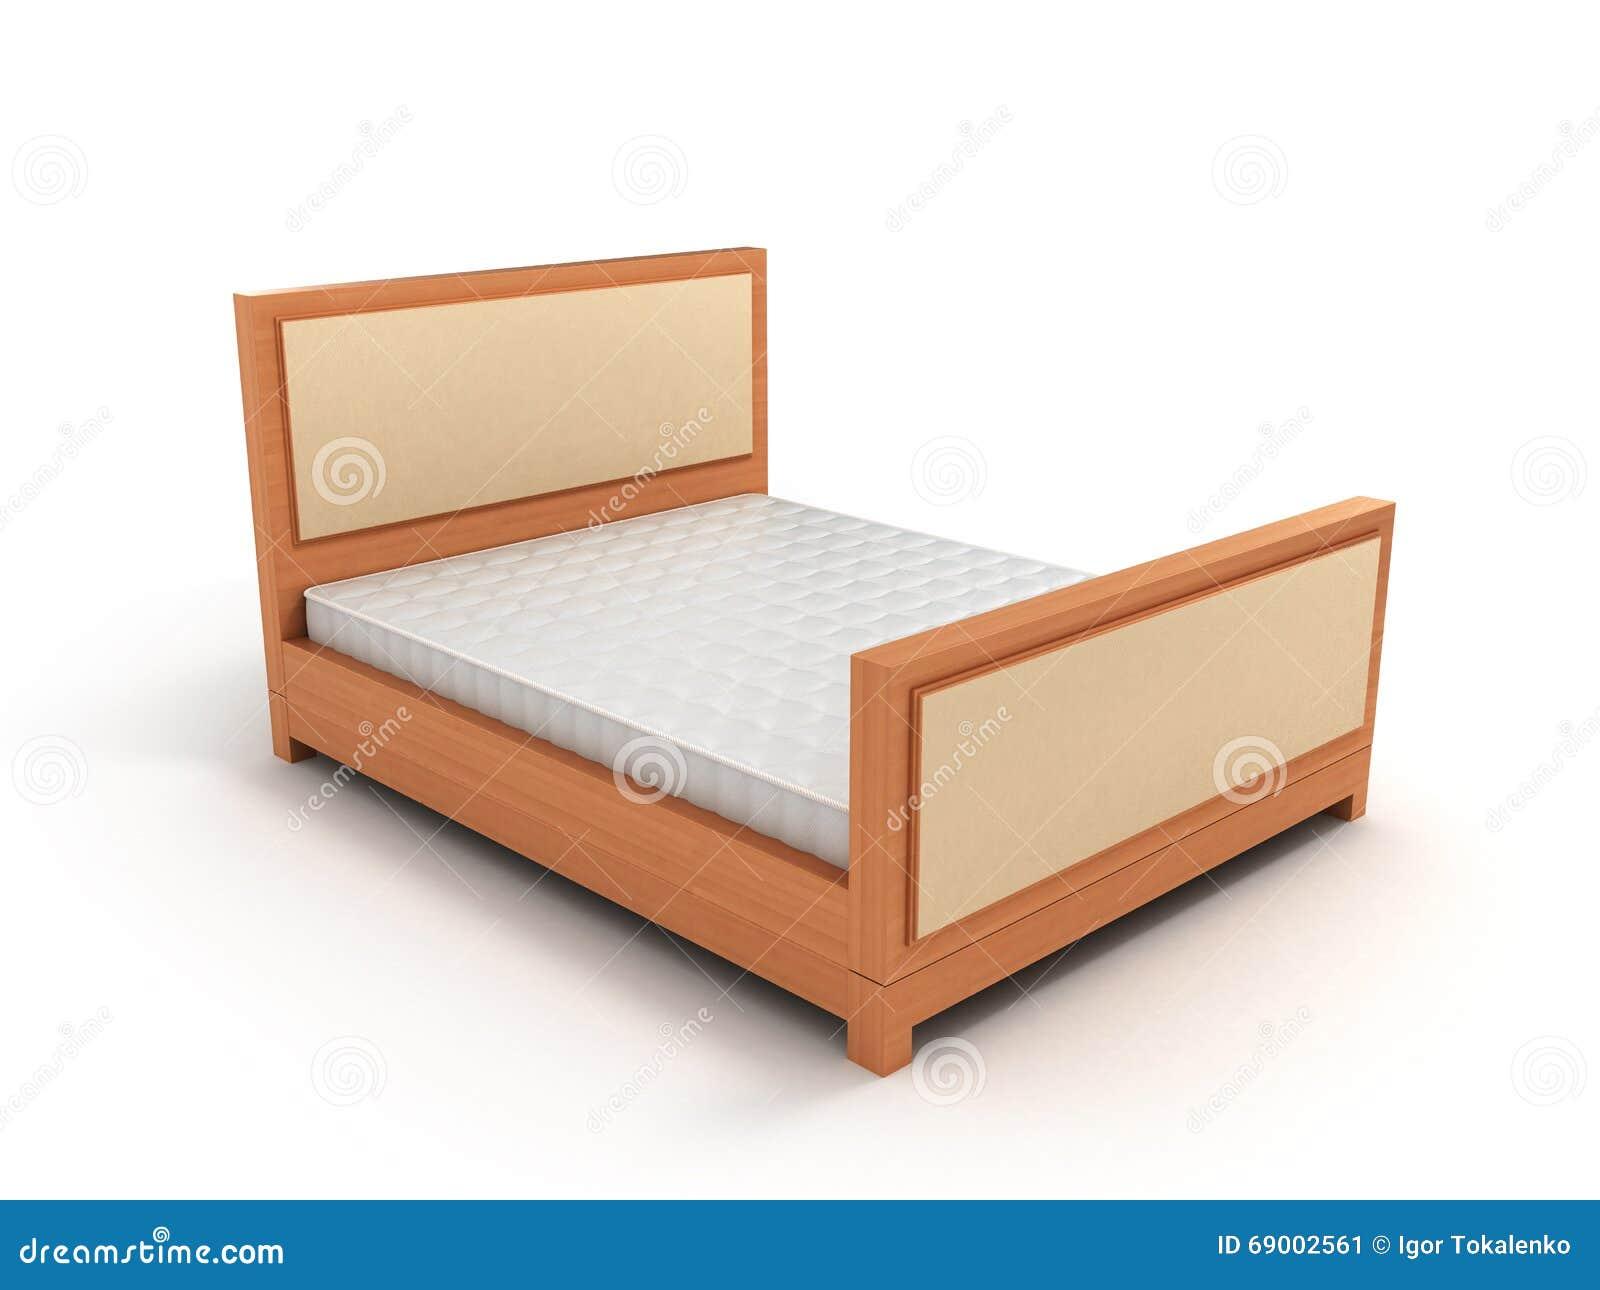 Base Letto Legno : Letto di legno con un materasso su fondo bianco illustrazione di